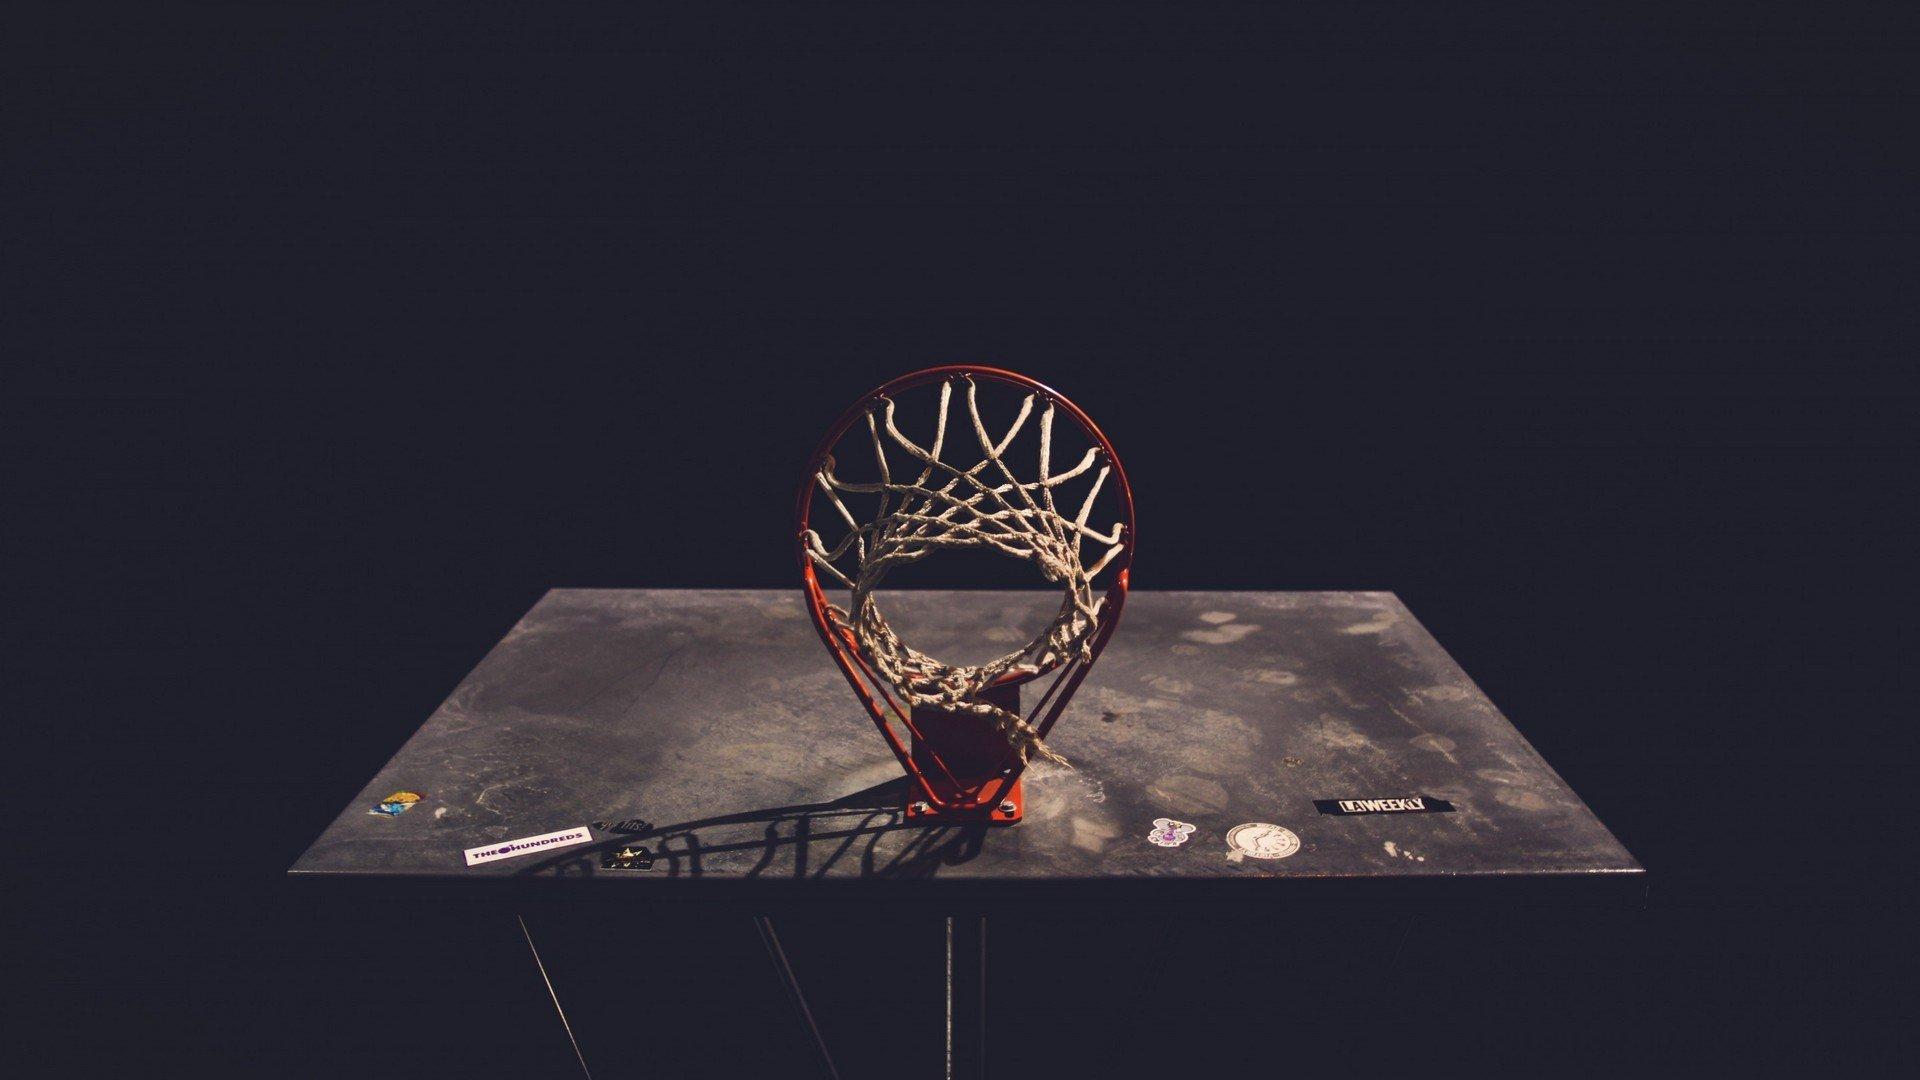 国际篮联的最新消息,停摆期结束!国际篮联解除对于其旗下比赛的暂停